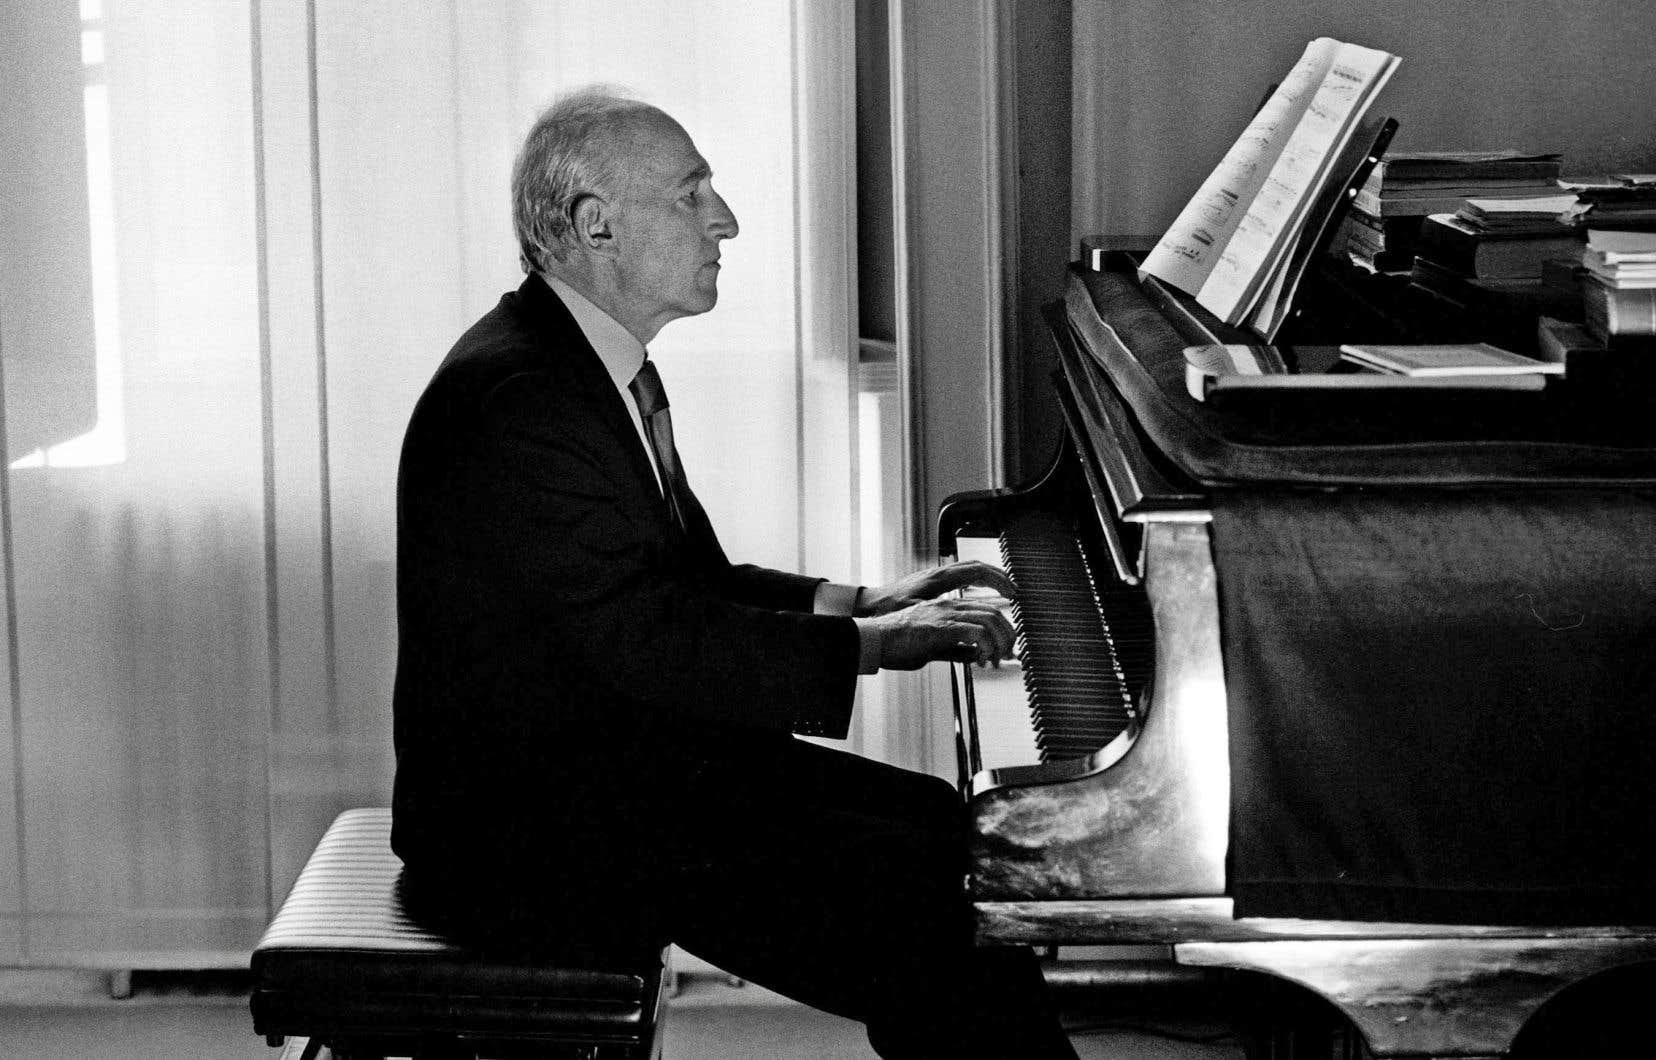 Soixante ans déjà que Maurizio Pollini fréquente les scènes. Il s'était présenté pour la première fois, en concours, à Genève en 1957, à 15ans.